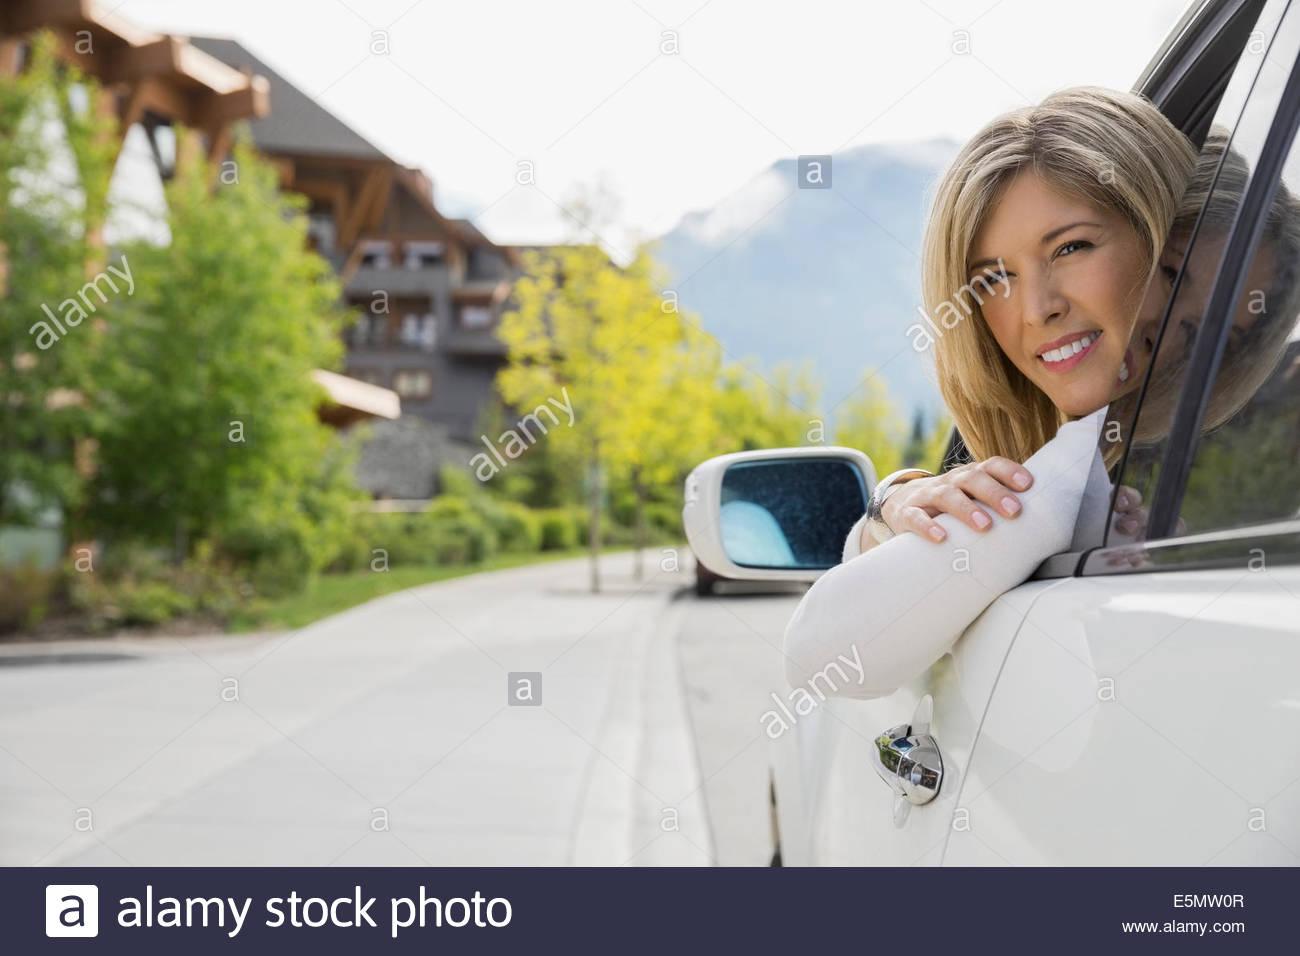 Retrato de mujer en coche al hotel Imagen De Stock